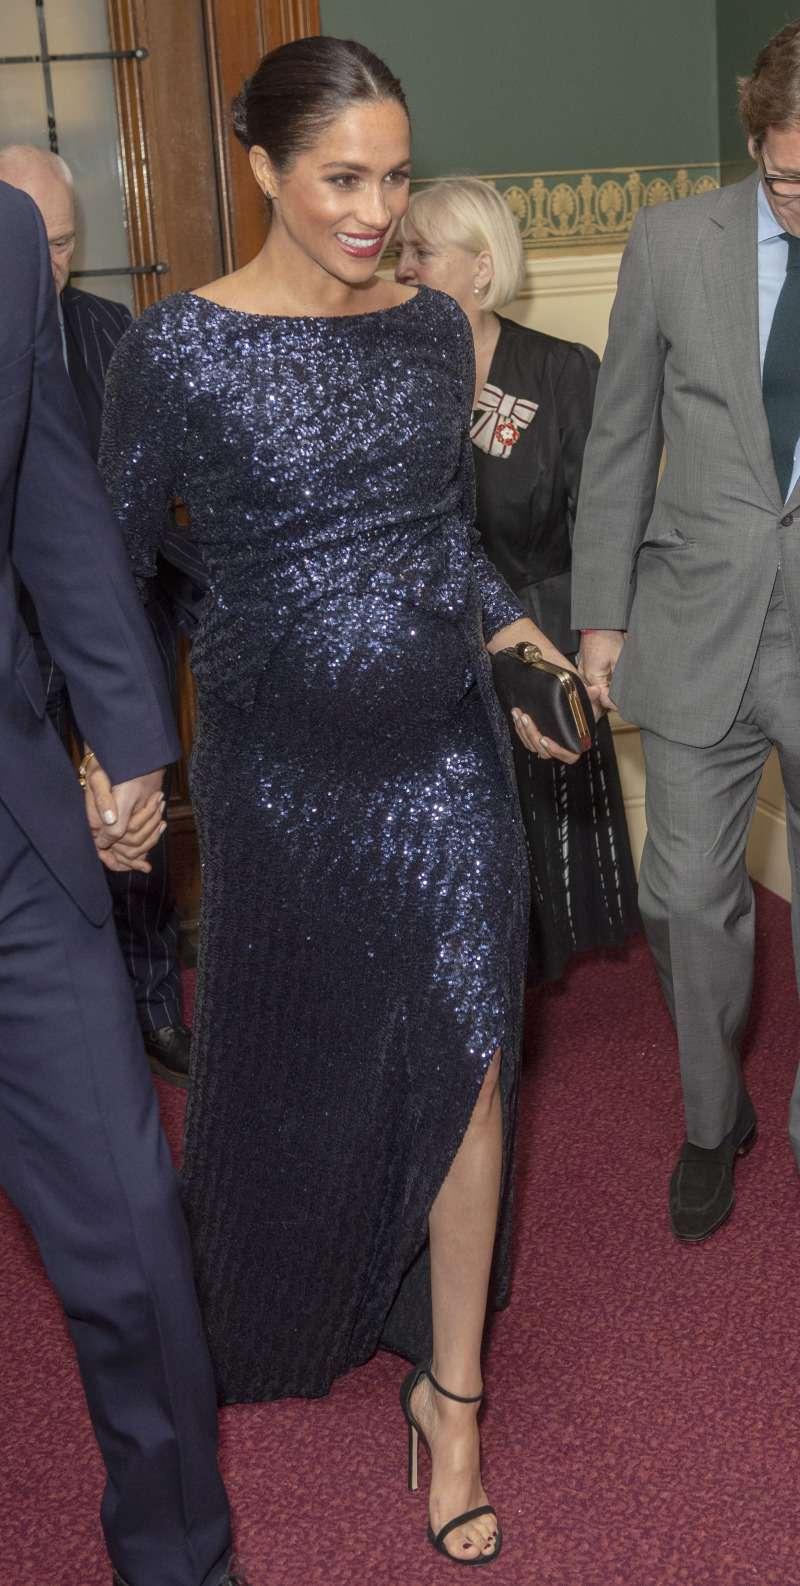 Copiona! La Principessa di Svezia ha indossato lo stesso abito di Meghan Markle. A chi dona di più?